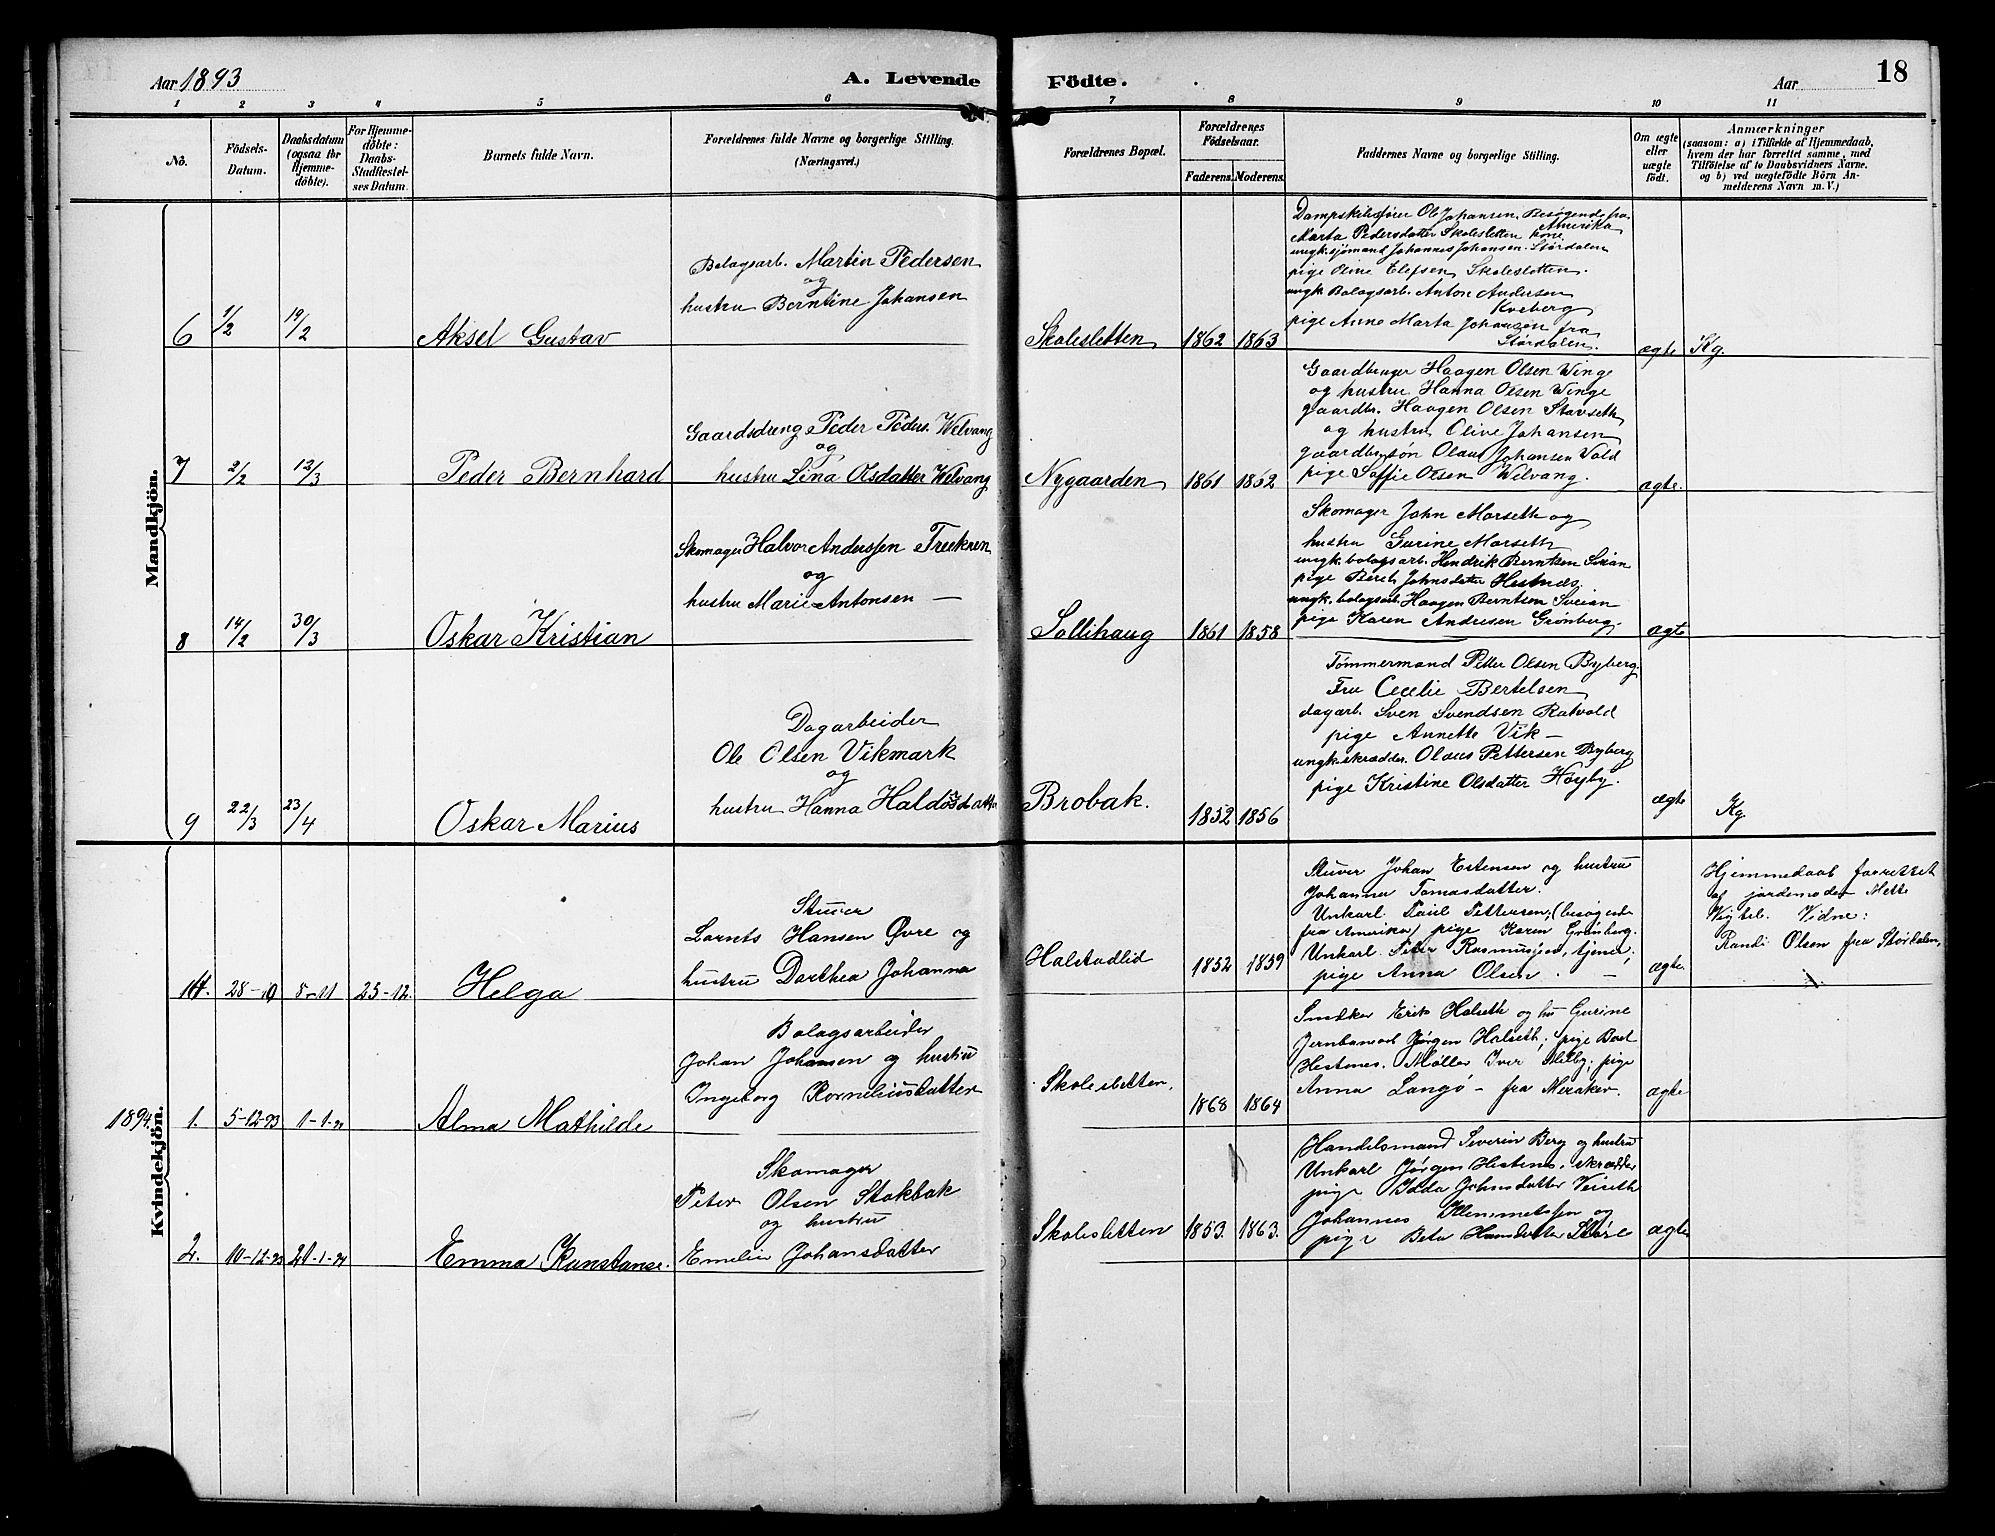 SAT, Ministerialprotokoller, klokkerbøker og fødselsregistre - Sør-Trøndelag, 617/L0431: Klokkerbok nr. 617C01, 1889-1910, s. 18